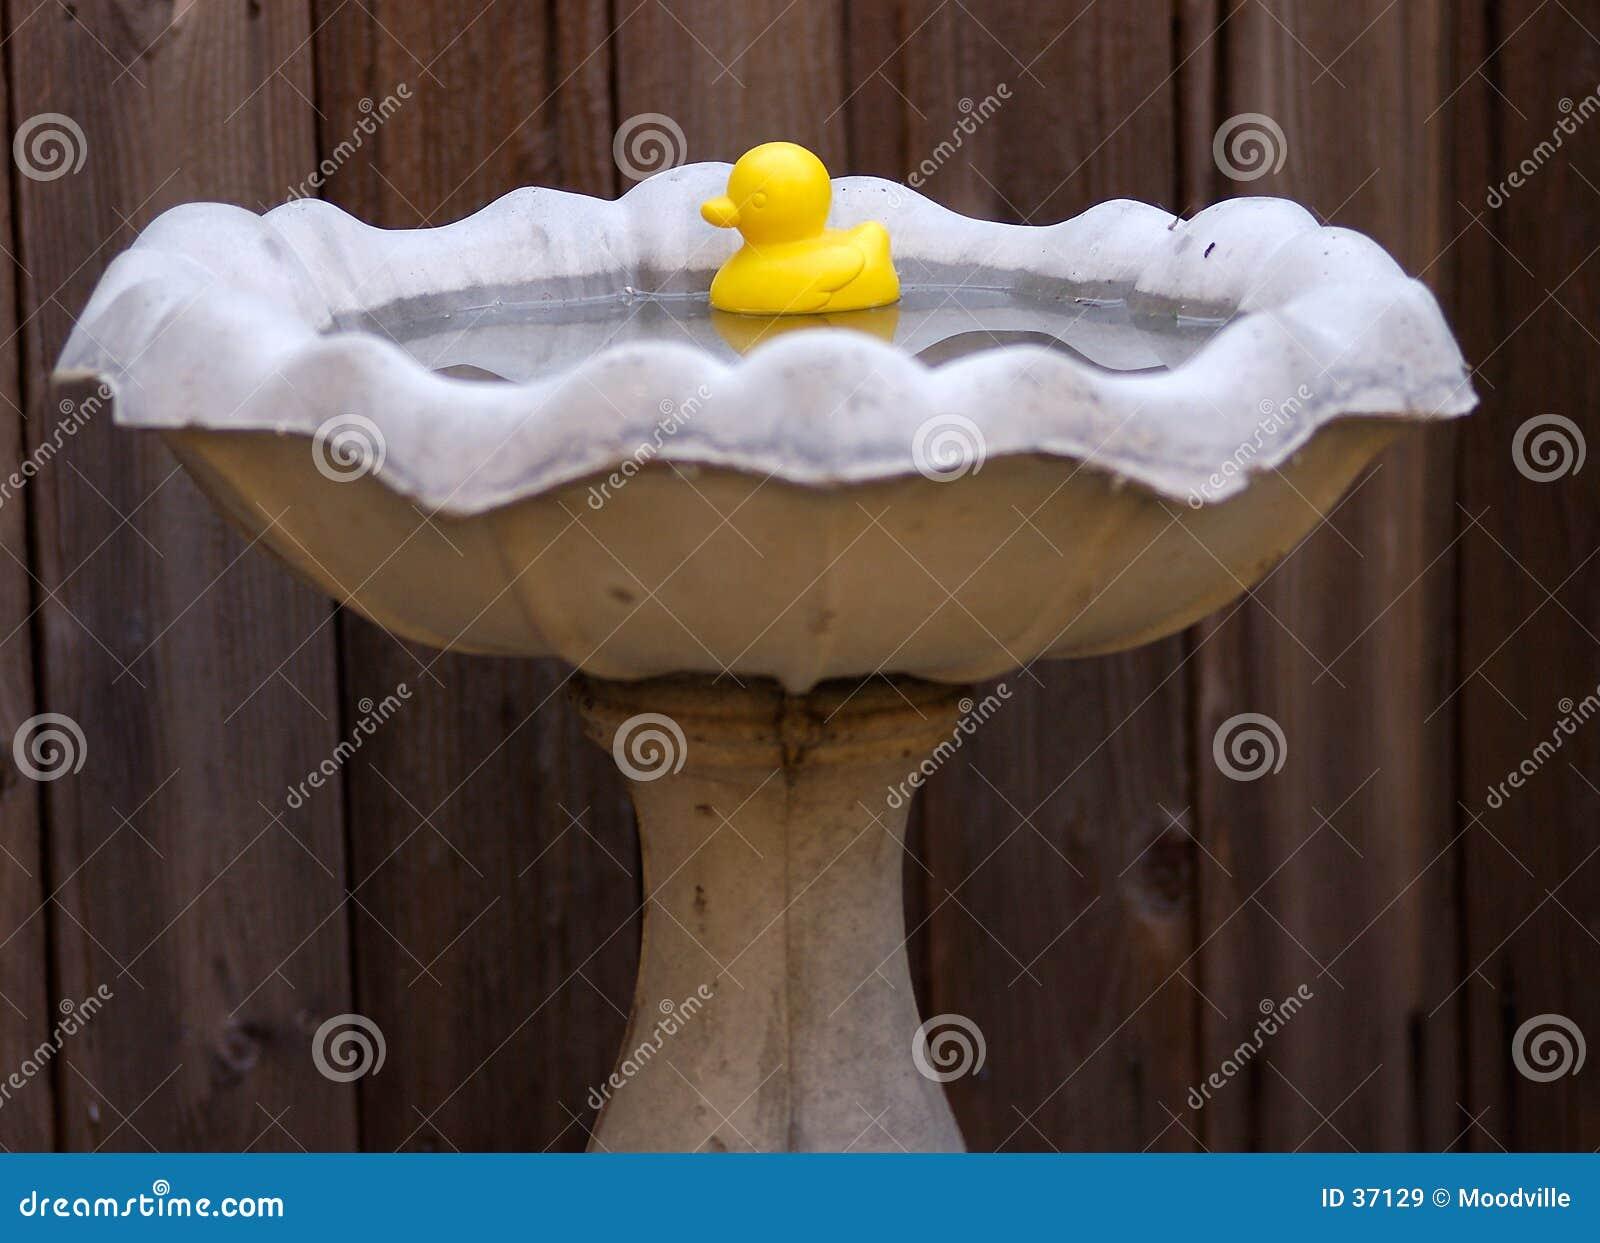 Ducky gummi